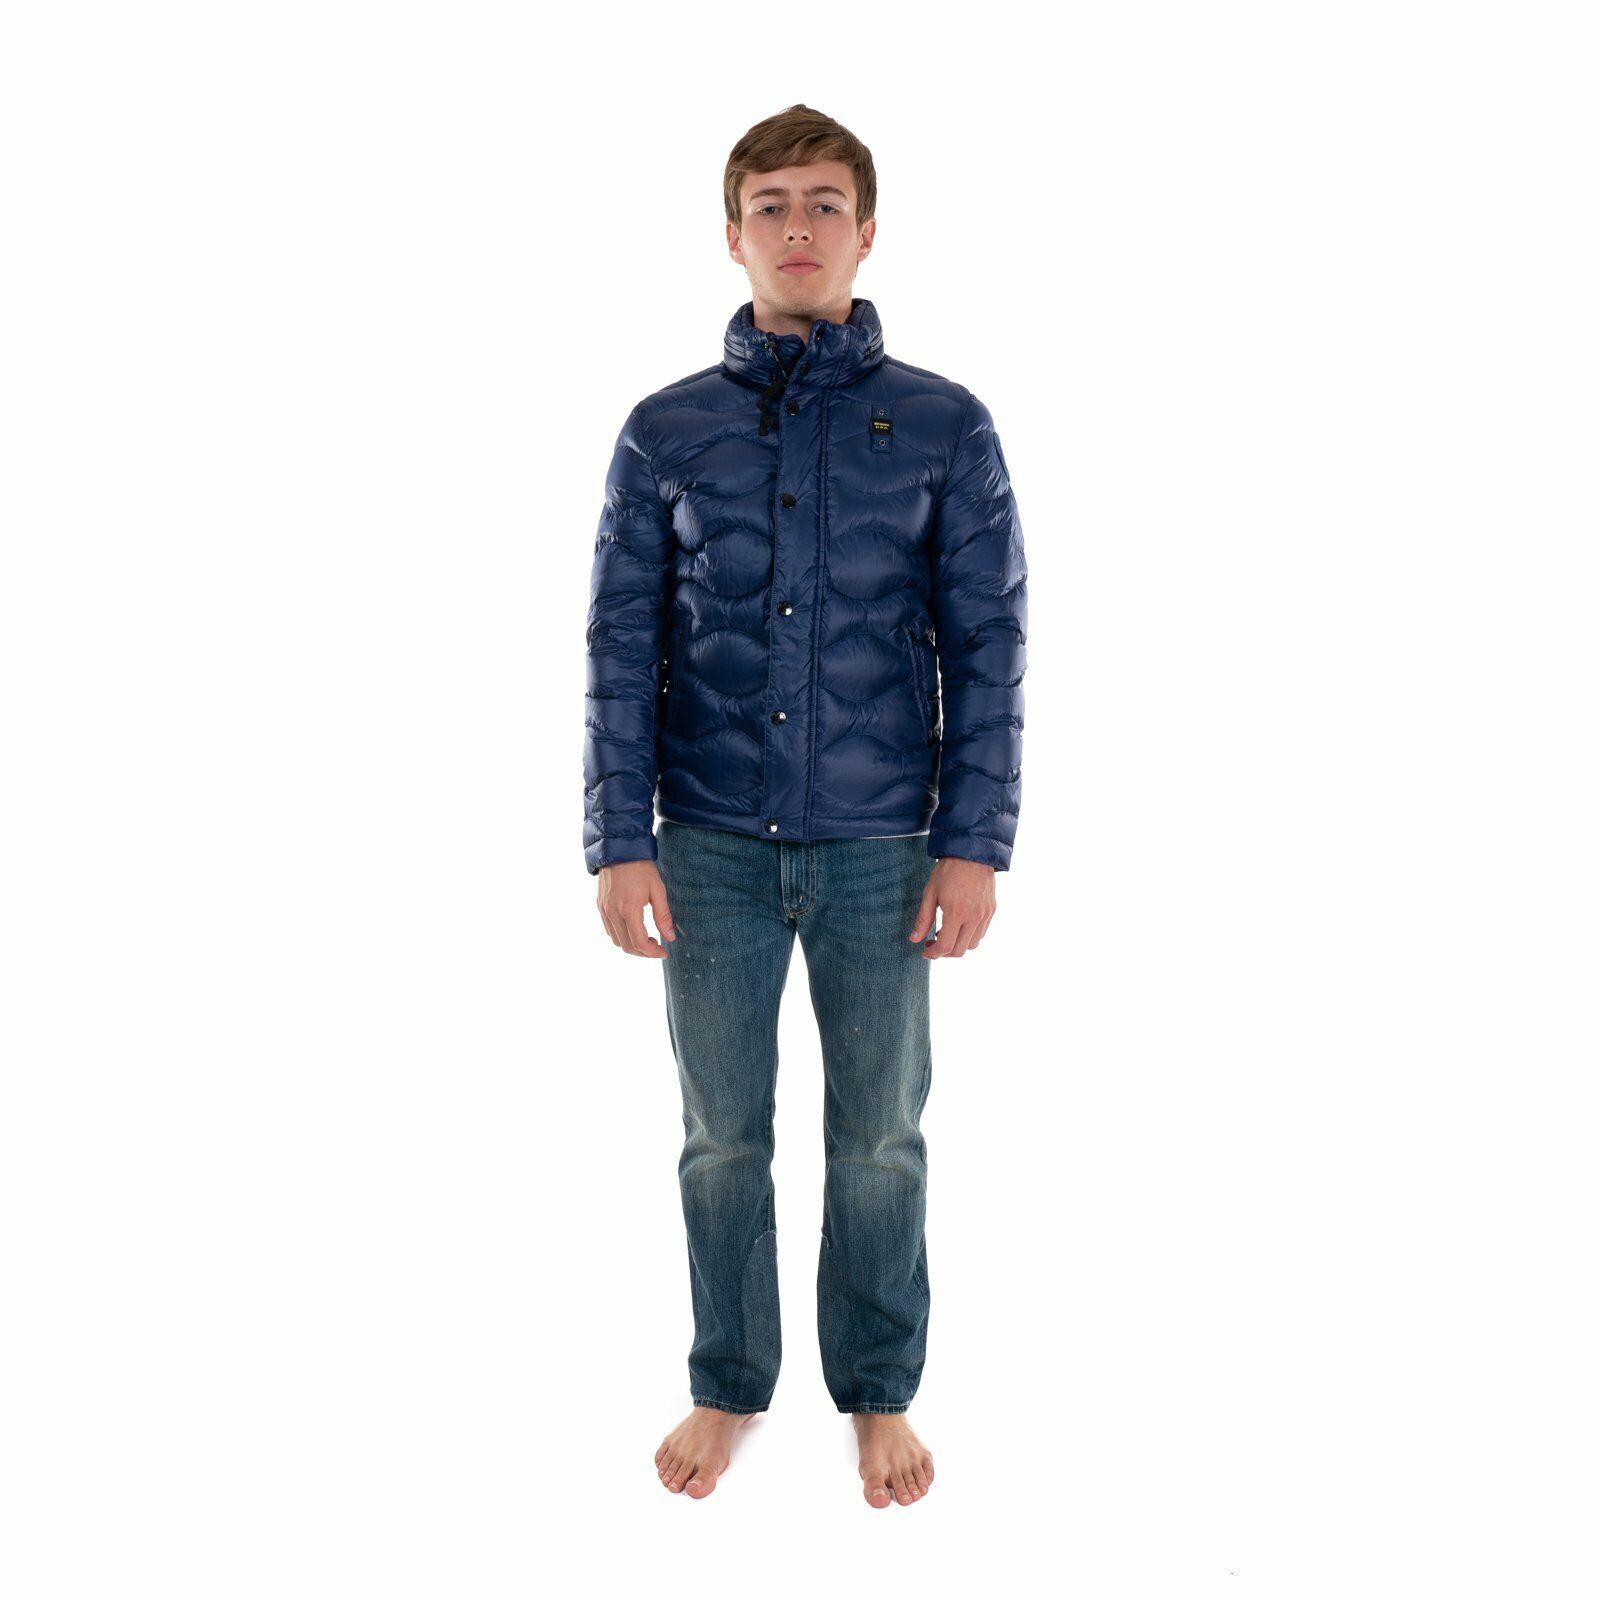 Blauer USA PIUMINO Uomo 19BLUC03035 giacca giubbino MILLS inverno/'19